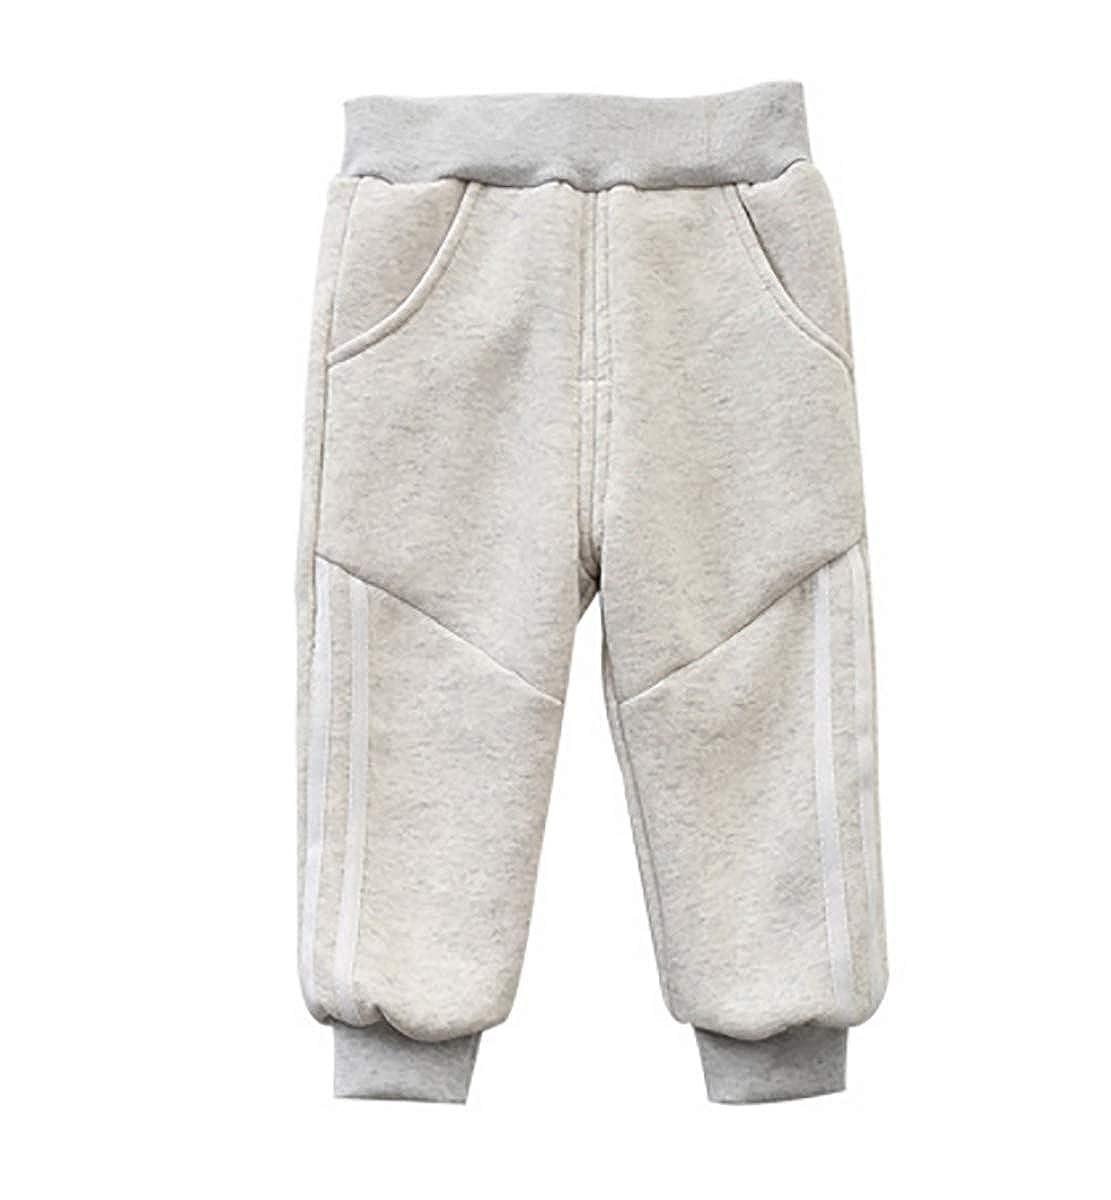 KLUME Pantaloni Imbottiti Invernali Pantaloni in Cotone per Bambini Pantaloni per Bambini in Velluto Plus